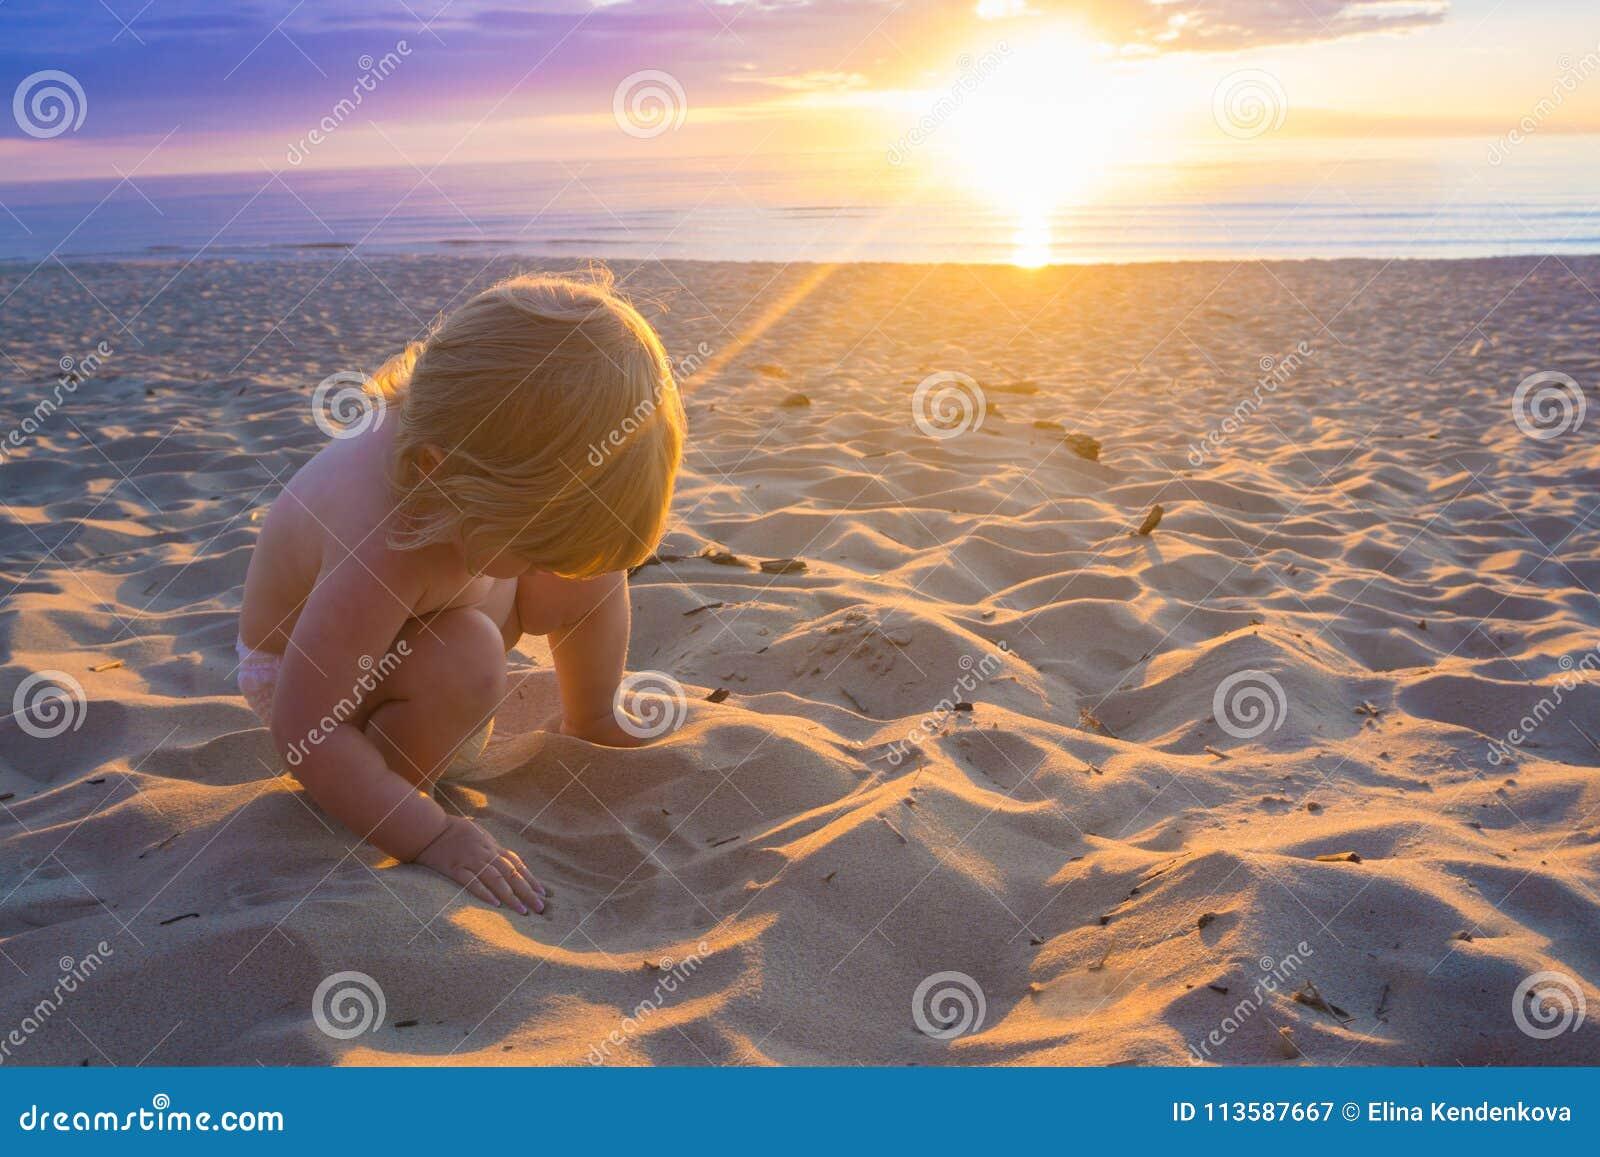 Behandla som ett barn plaing i sand på kusten av det baltiska havet under solnedgång